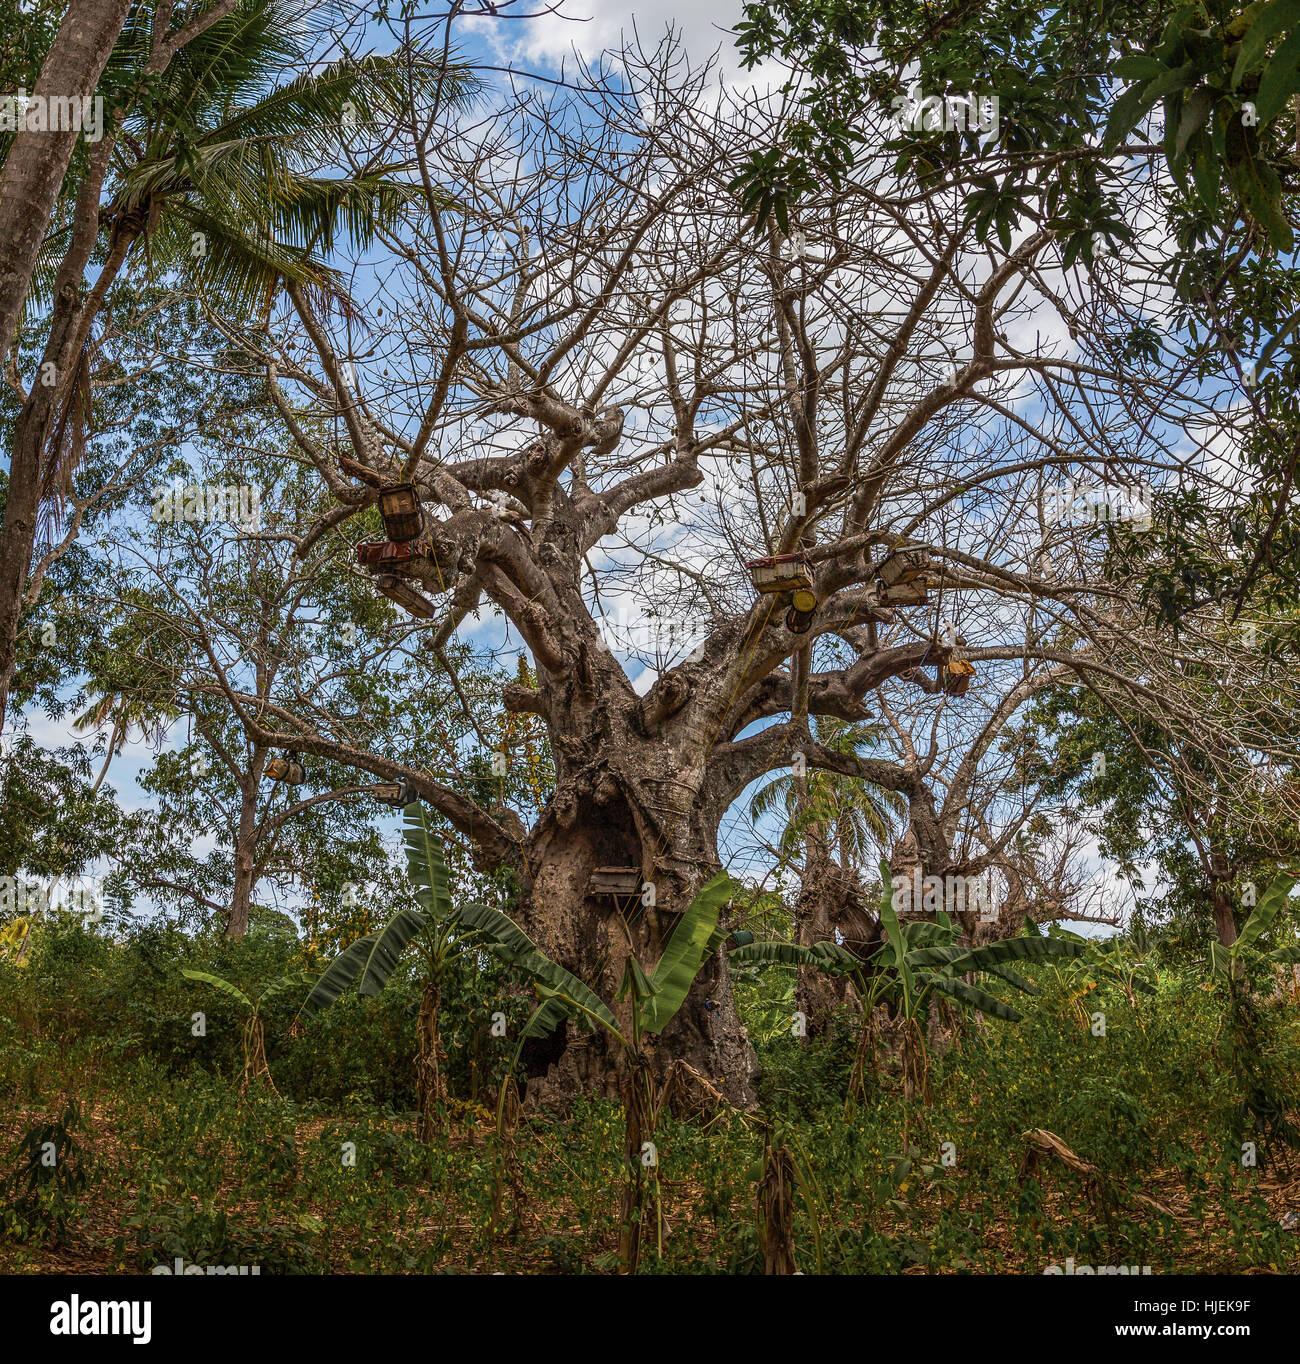 Grand et robuste vivre baobab avec beaucoup de branches, green palms,ciel bleu et nuages blancs à l'arrière Photo Stock